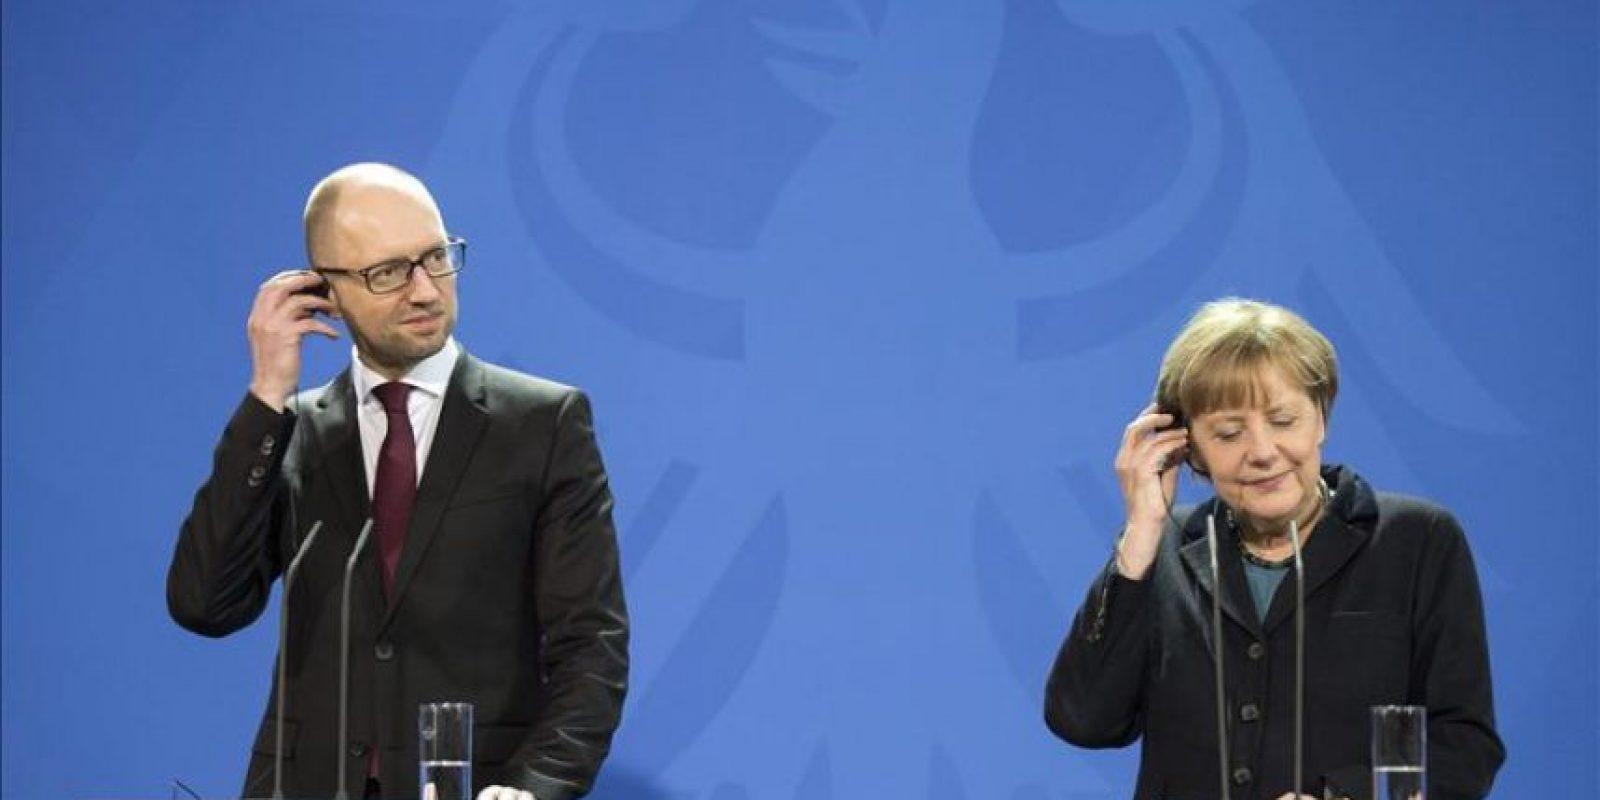 La canciller alemana, Angela Merkel (d), y el primer ministro de Ucrania, Arseni Yatseniuk, durante una rueda de prensa conjunta en la Cancillería de Berlín, Alemania, hoy. EFE